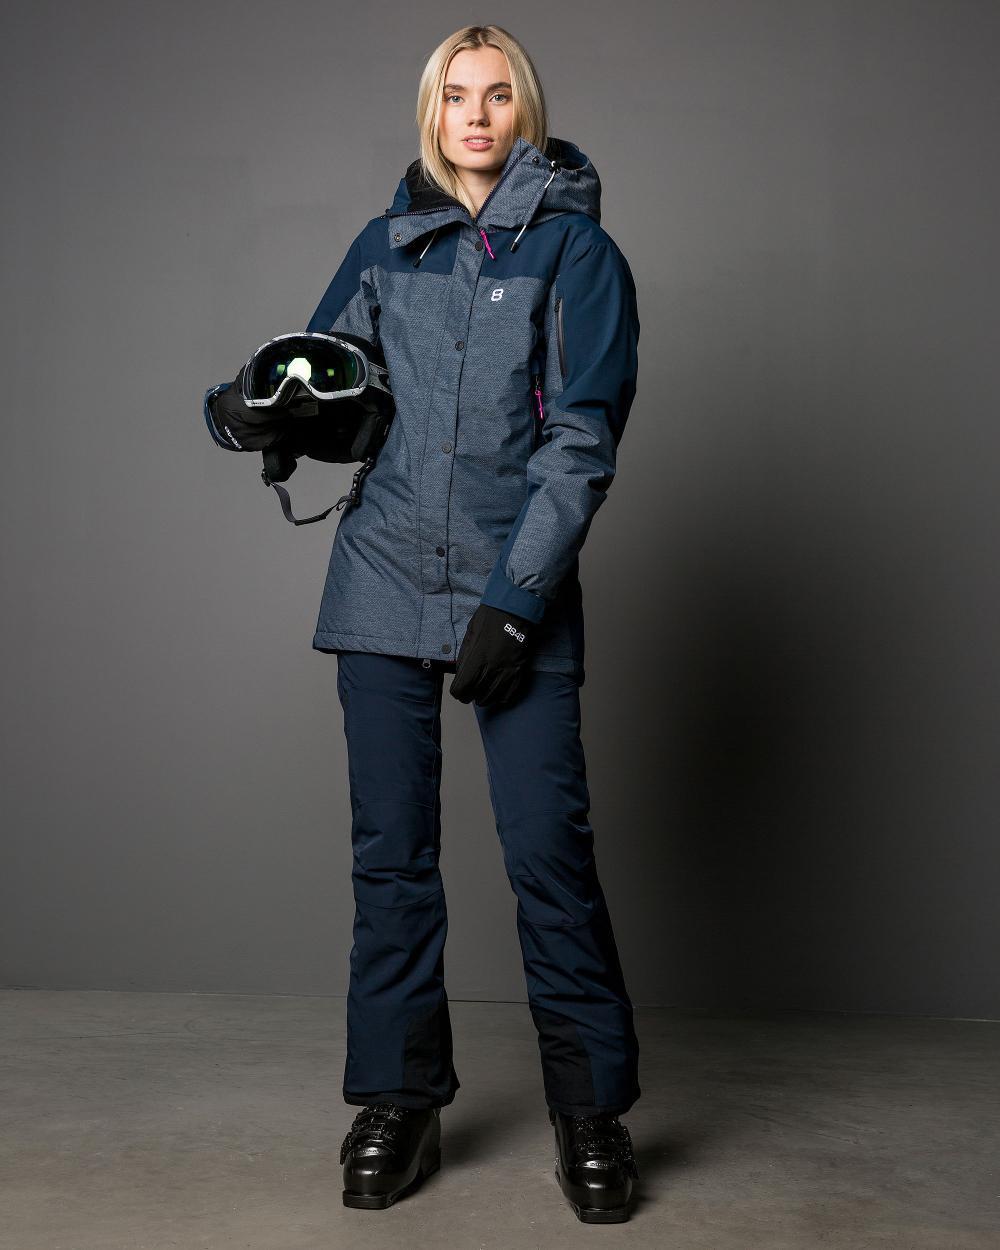 09bb9e41 Женский горнолыжный костюм 8848 Altitude Sienna Poppy navy купить в ...